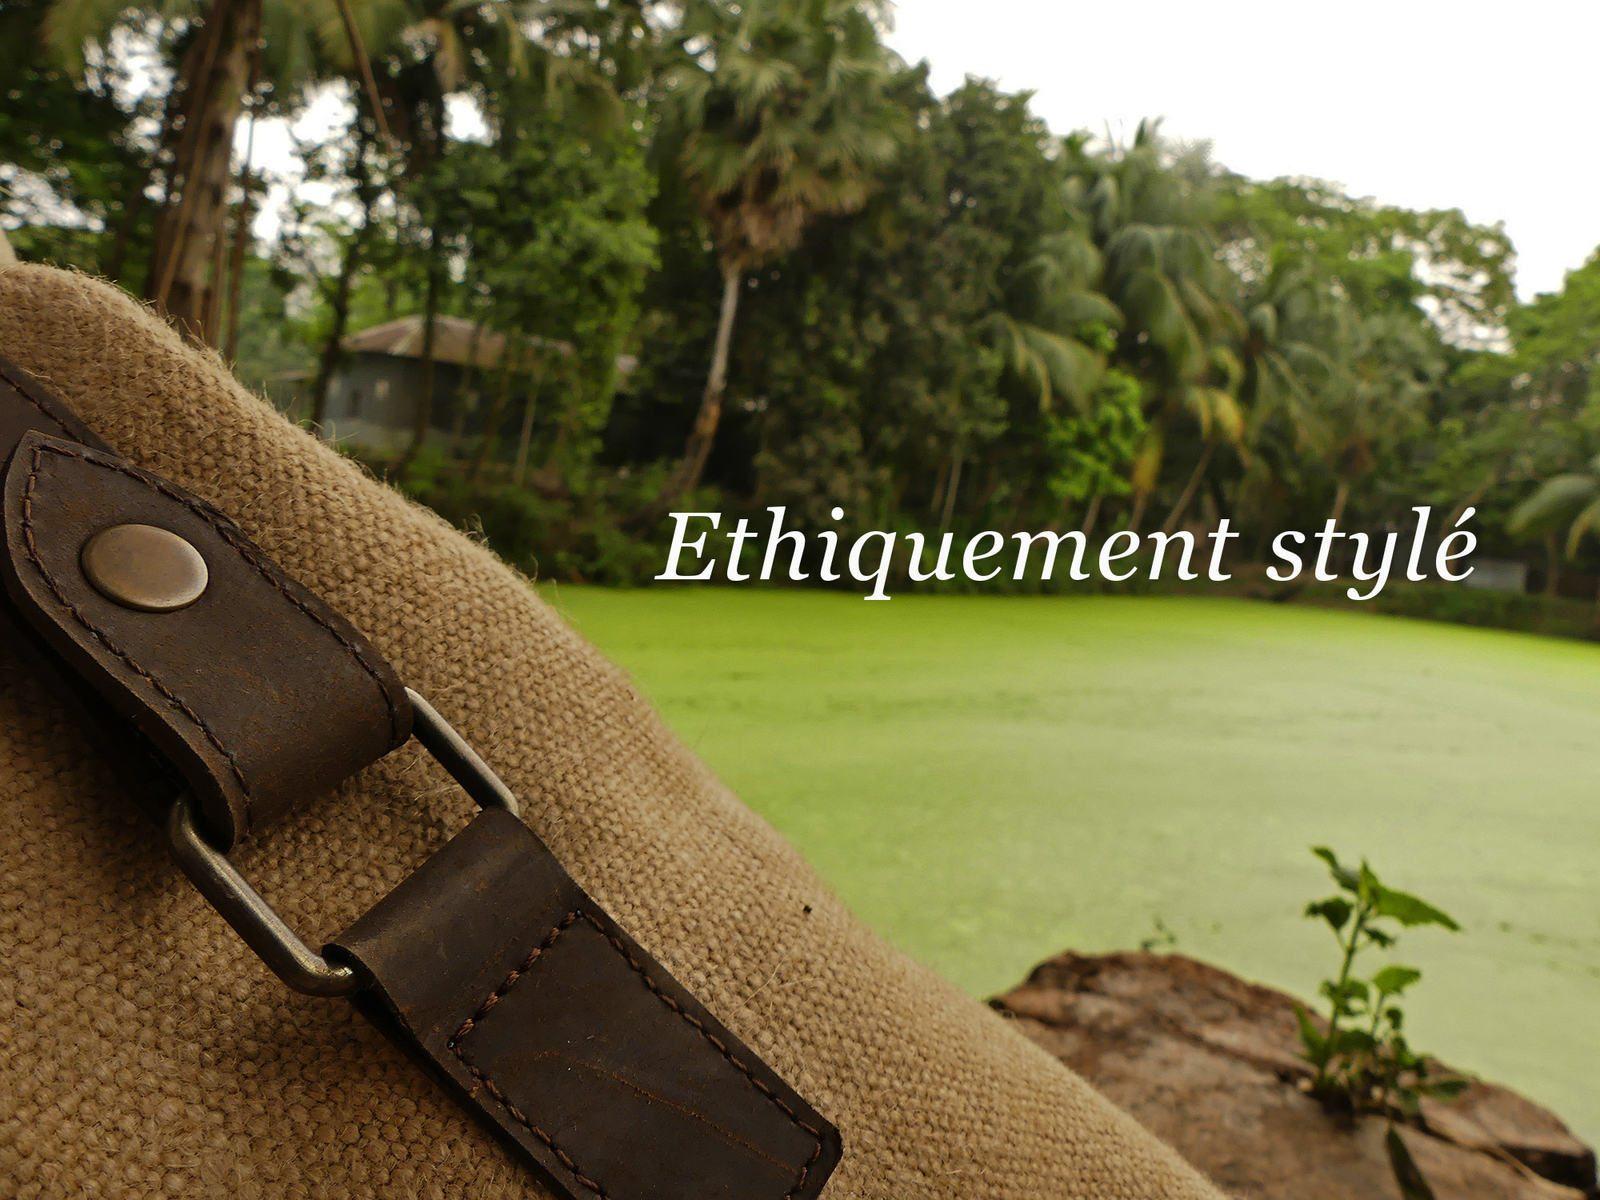 Bhallot - sac attache fond nature2-Ethiquement stylé 2